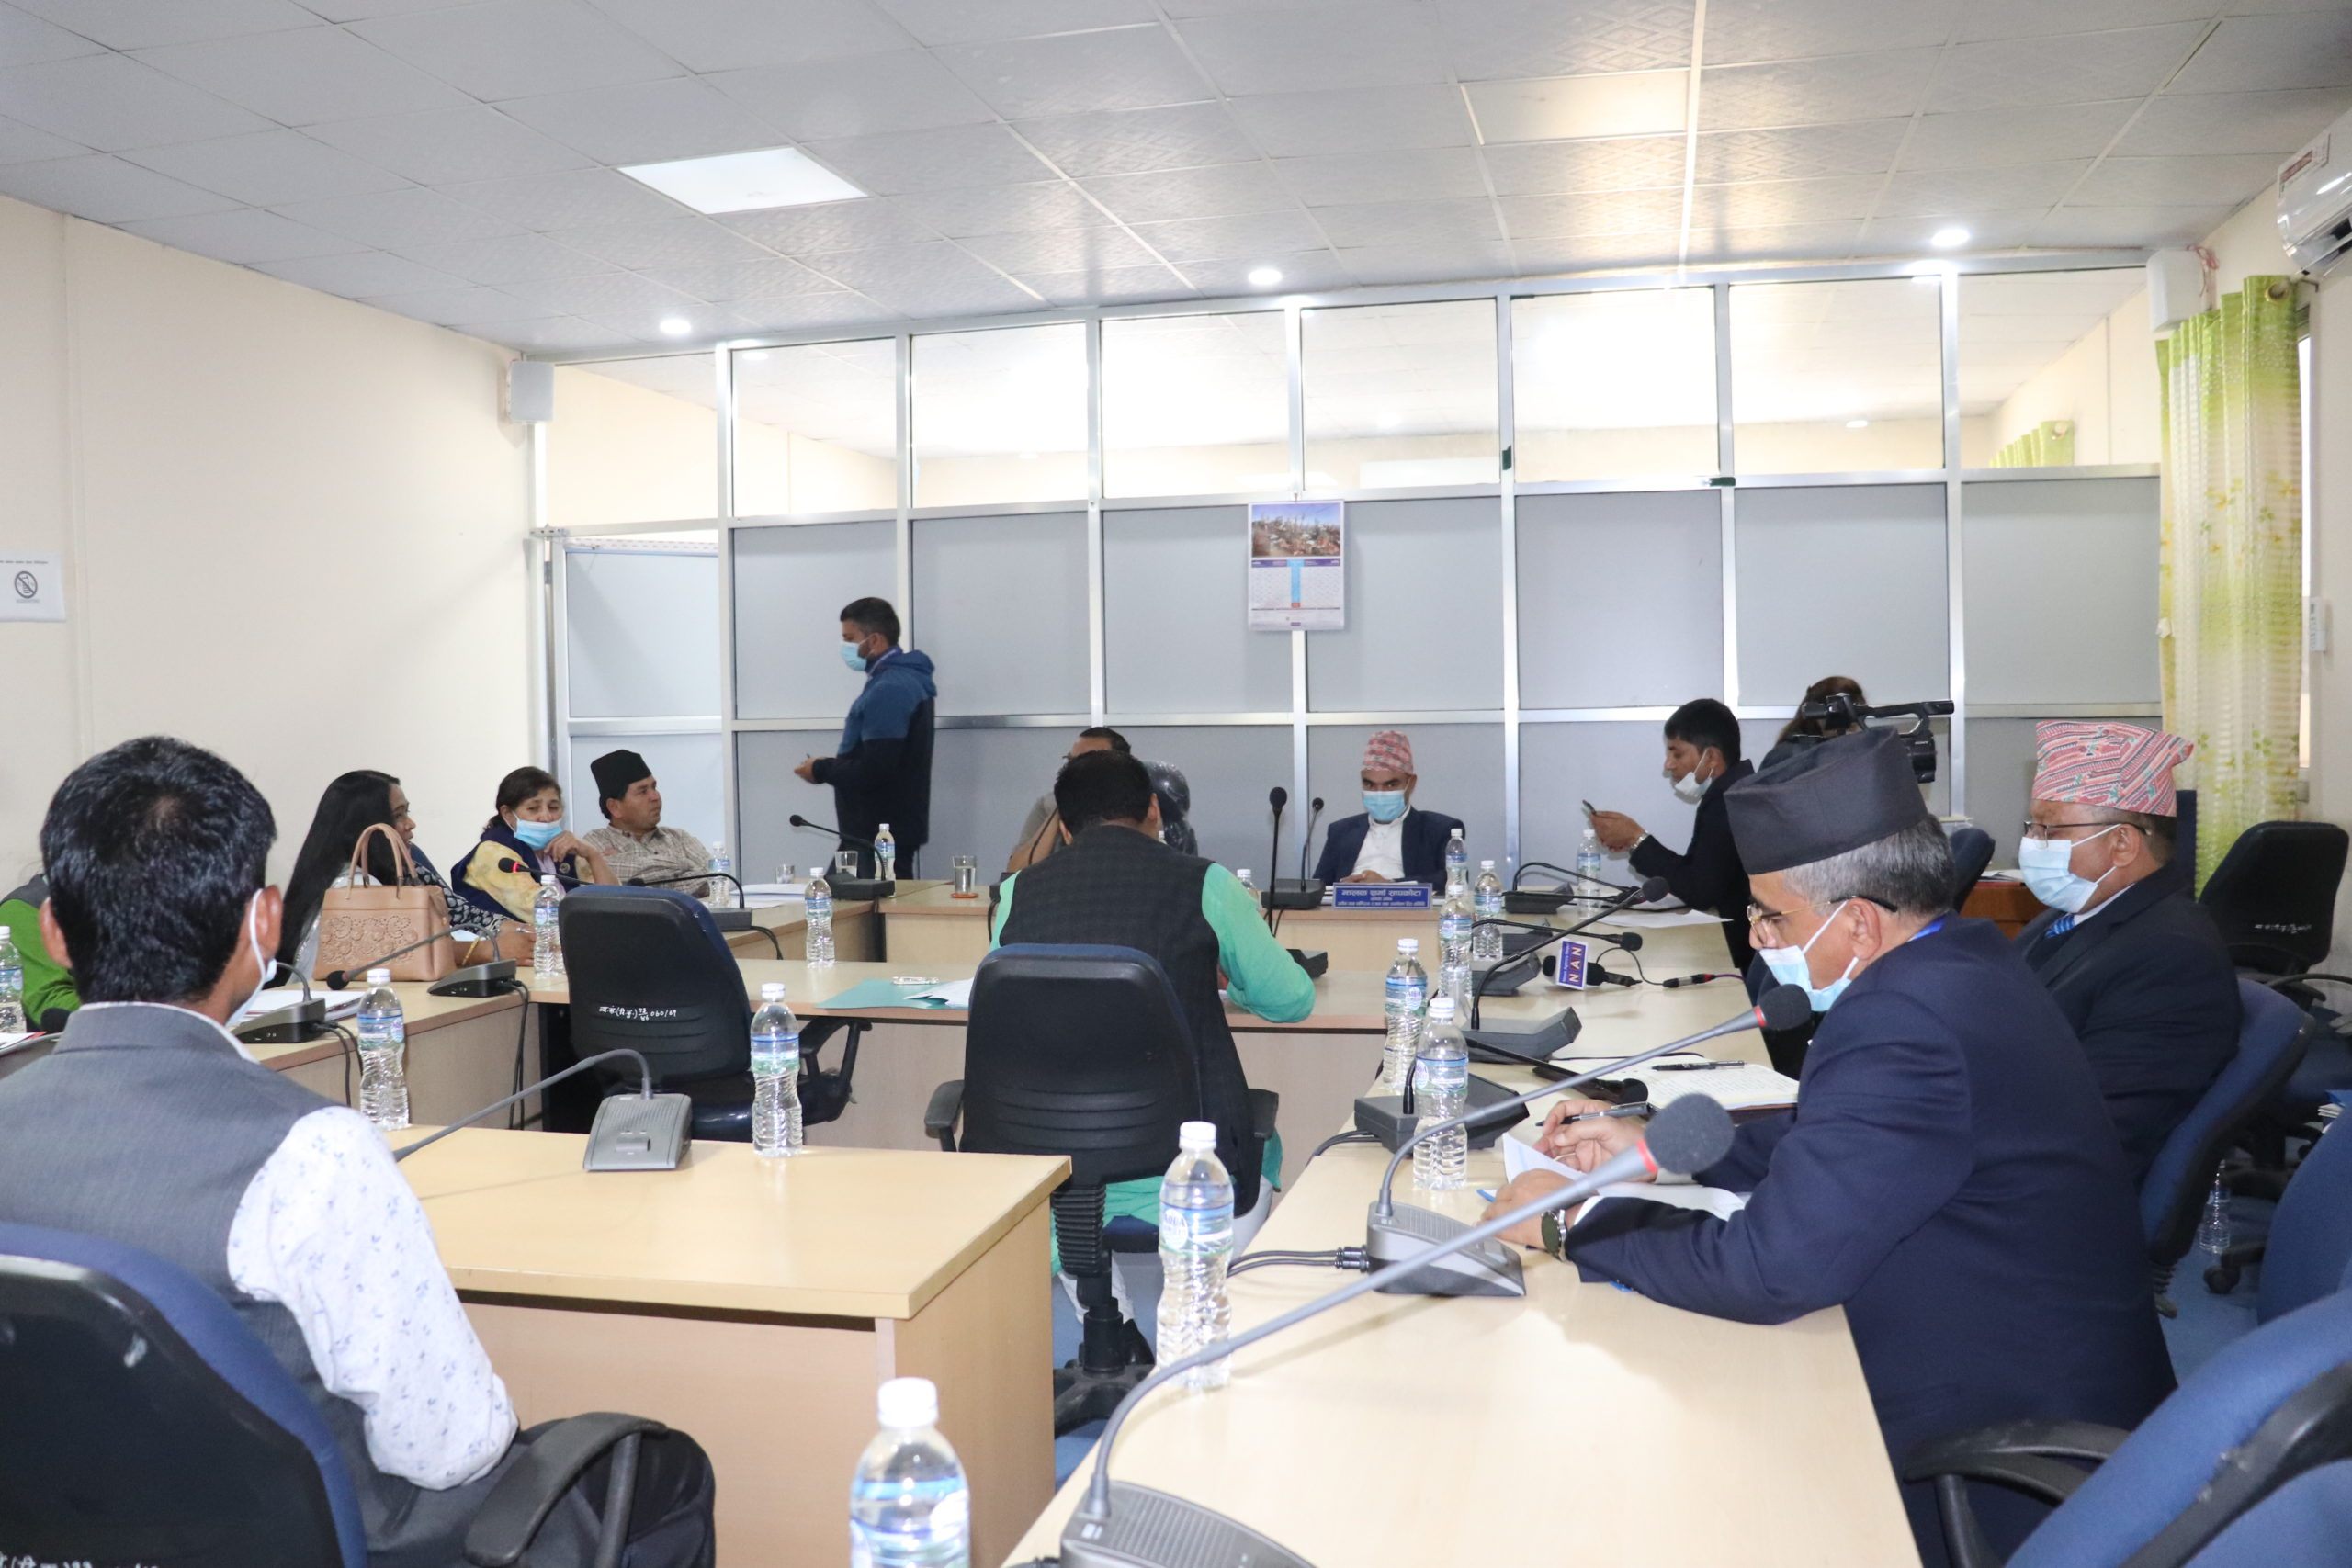 सामाजिक सुरक्षा कोषको प्रगति विवरण एक साताभित्र पेश गर्न संसदीय समितिको निर्देशन (भिडियाे)